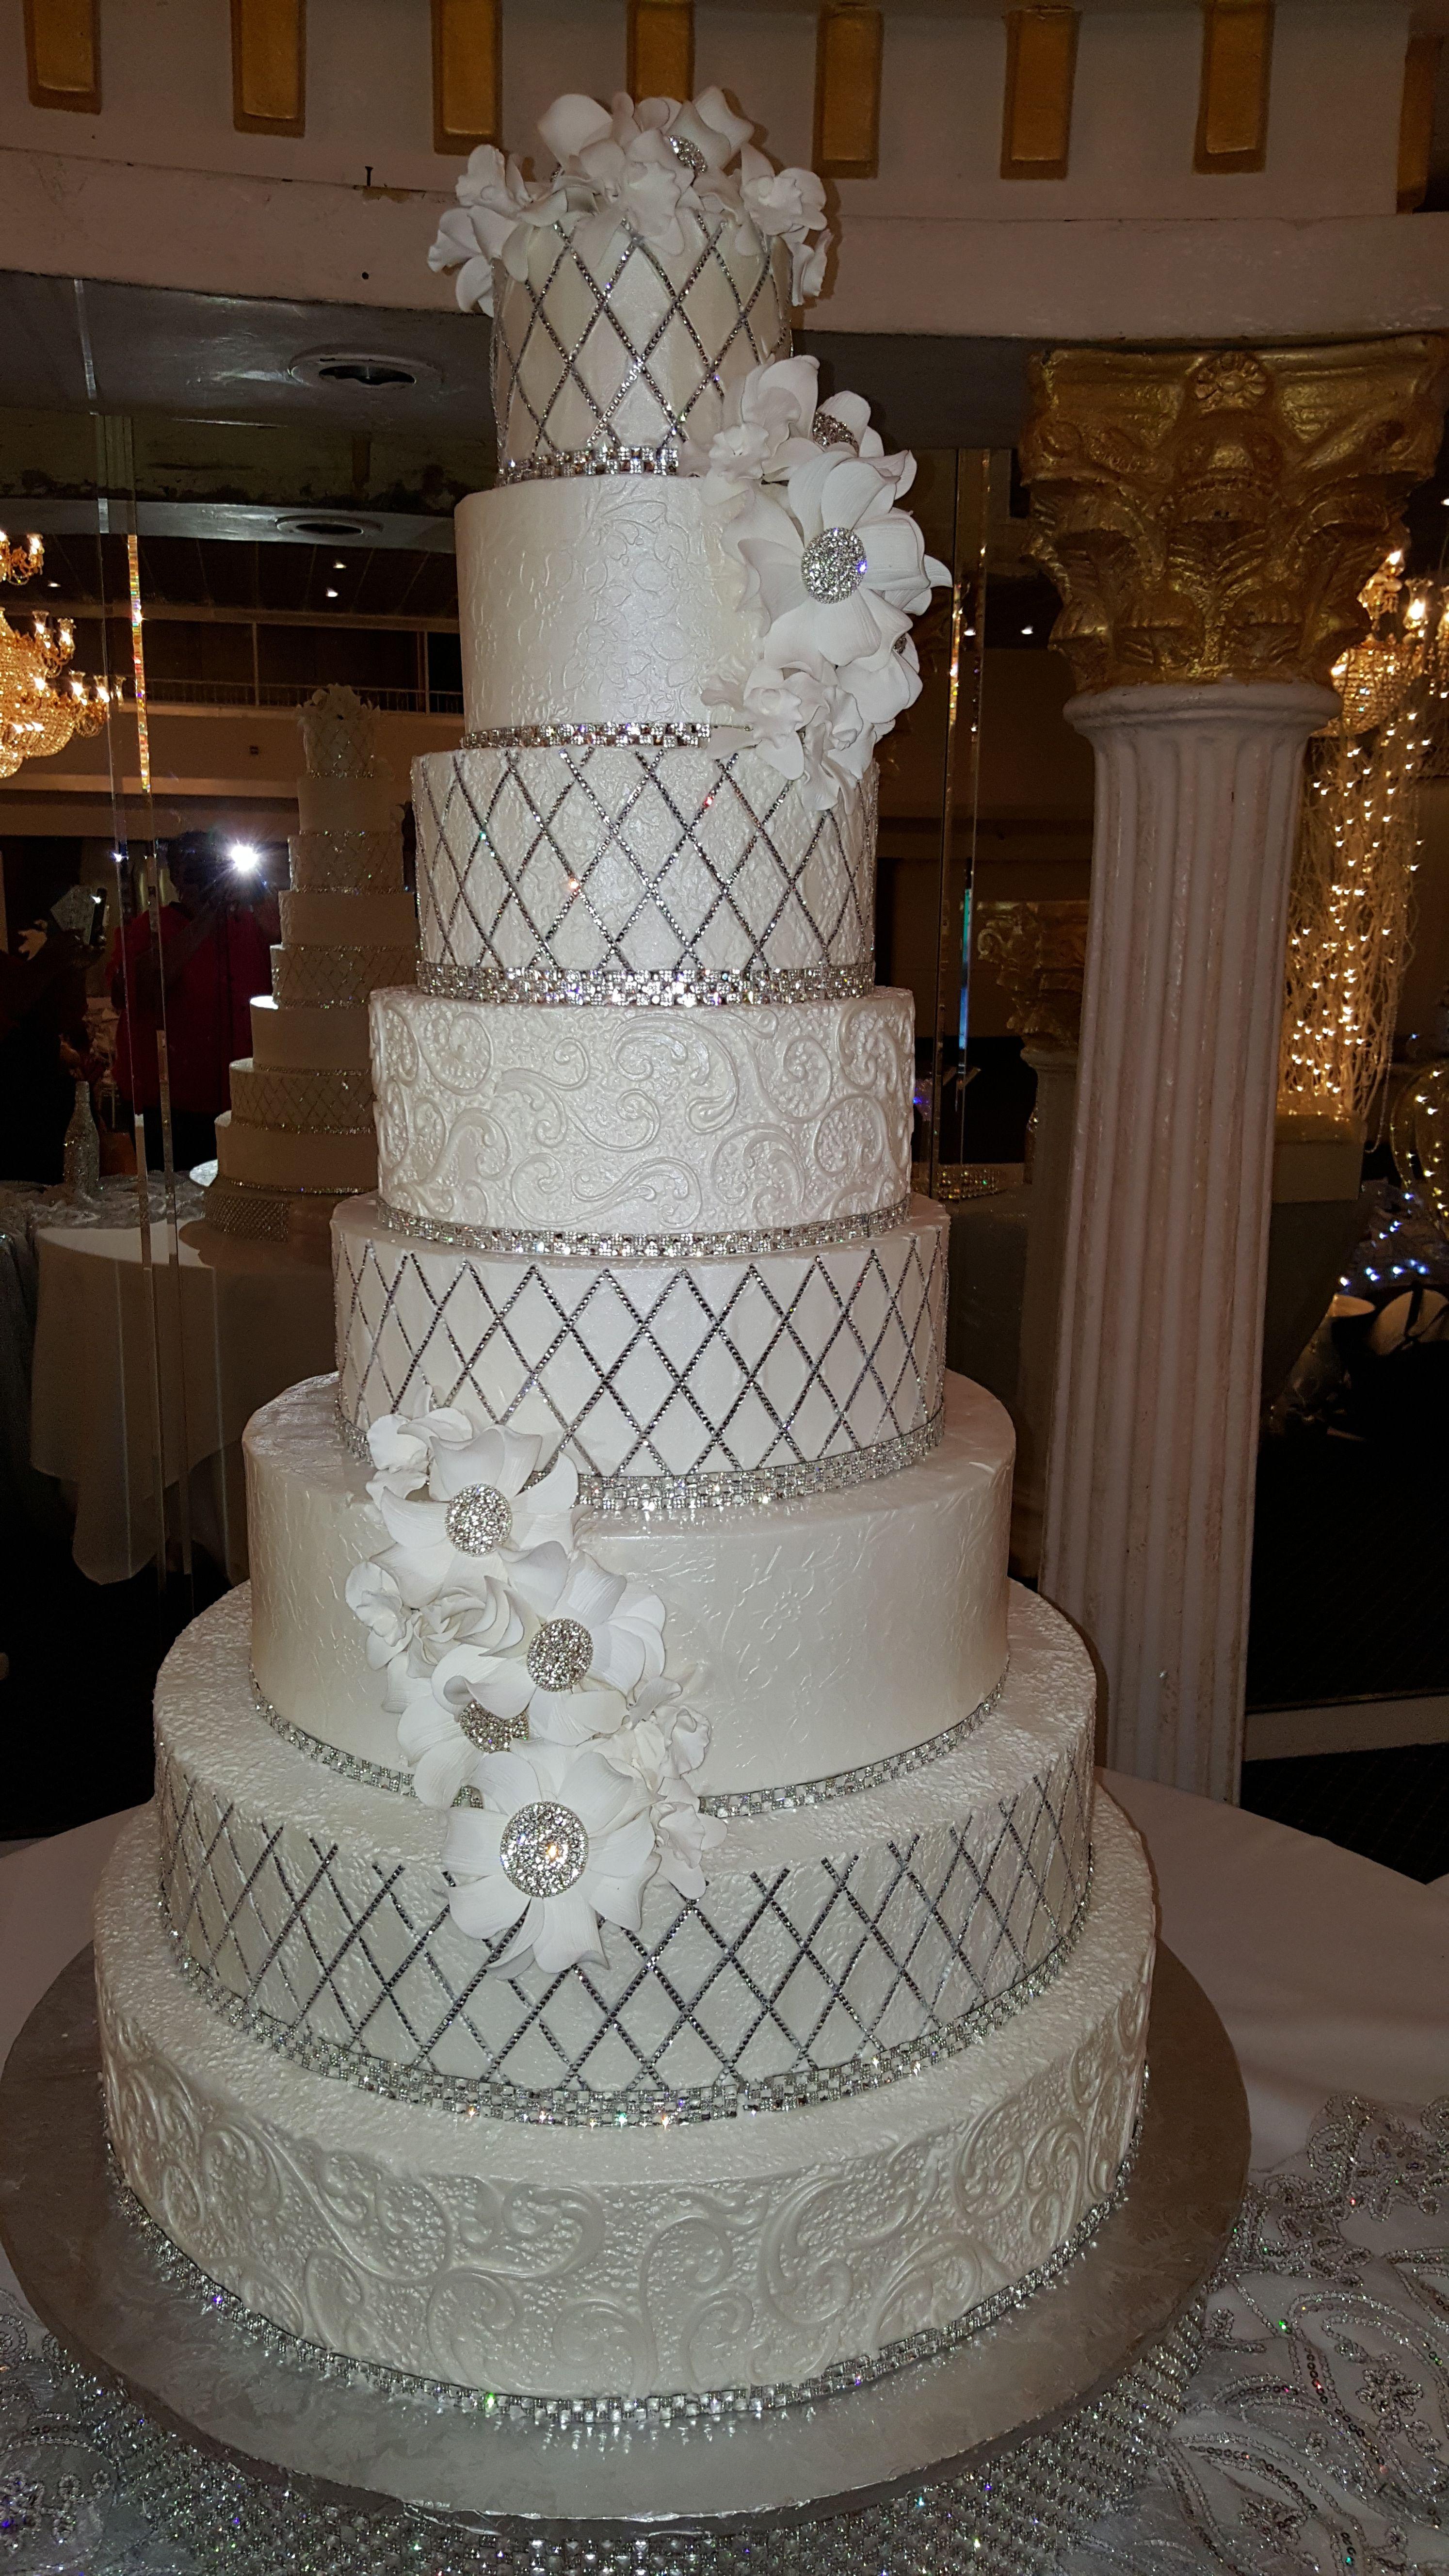 Tall Bling Wedding Cake Bling Wedding Cakes Beautiful Wedding Cakes Big Wedding Cakes